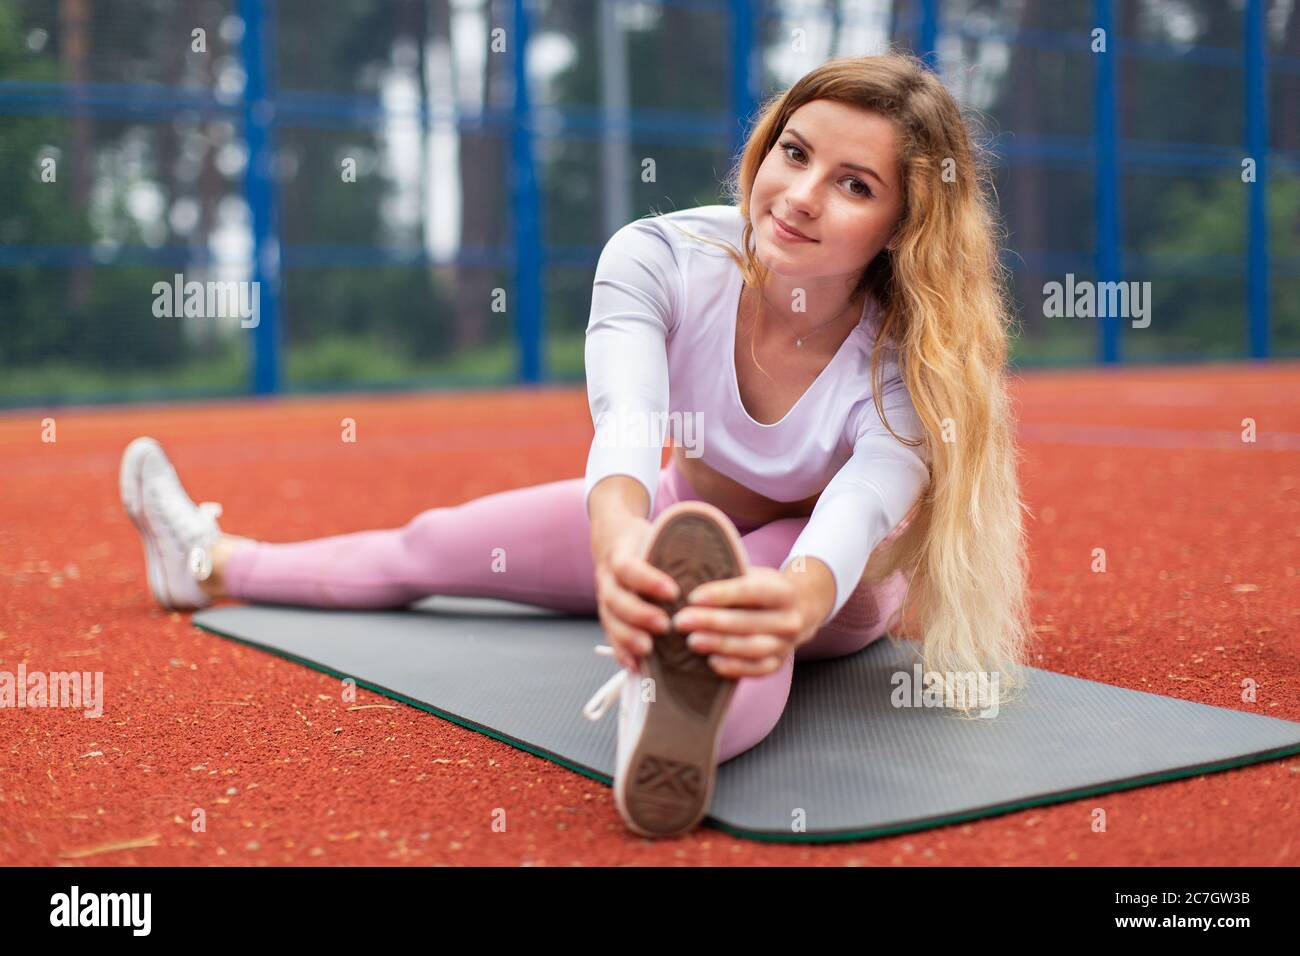 Ritratto di sorridente bella donna bionda che si stretona prima di fitness e yoga. Donna in abbigliamento sportivo rosa che fa esercizio di stretching, seduta sul tappetino Foto Stock